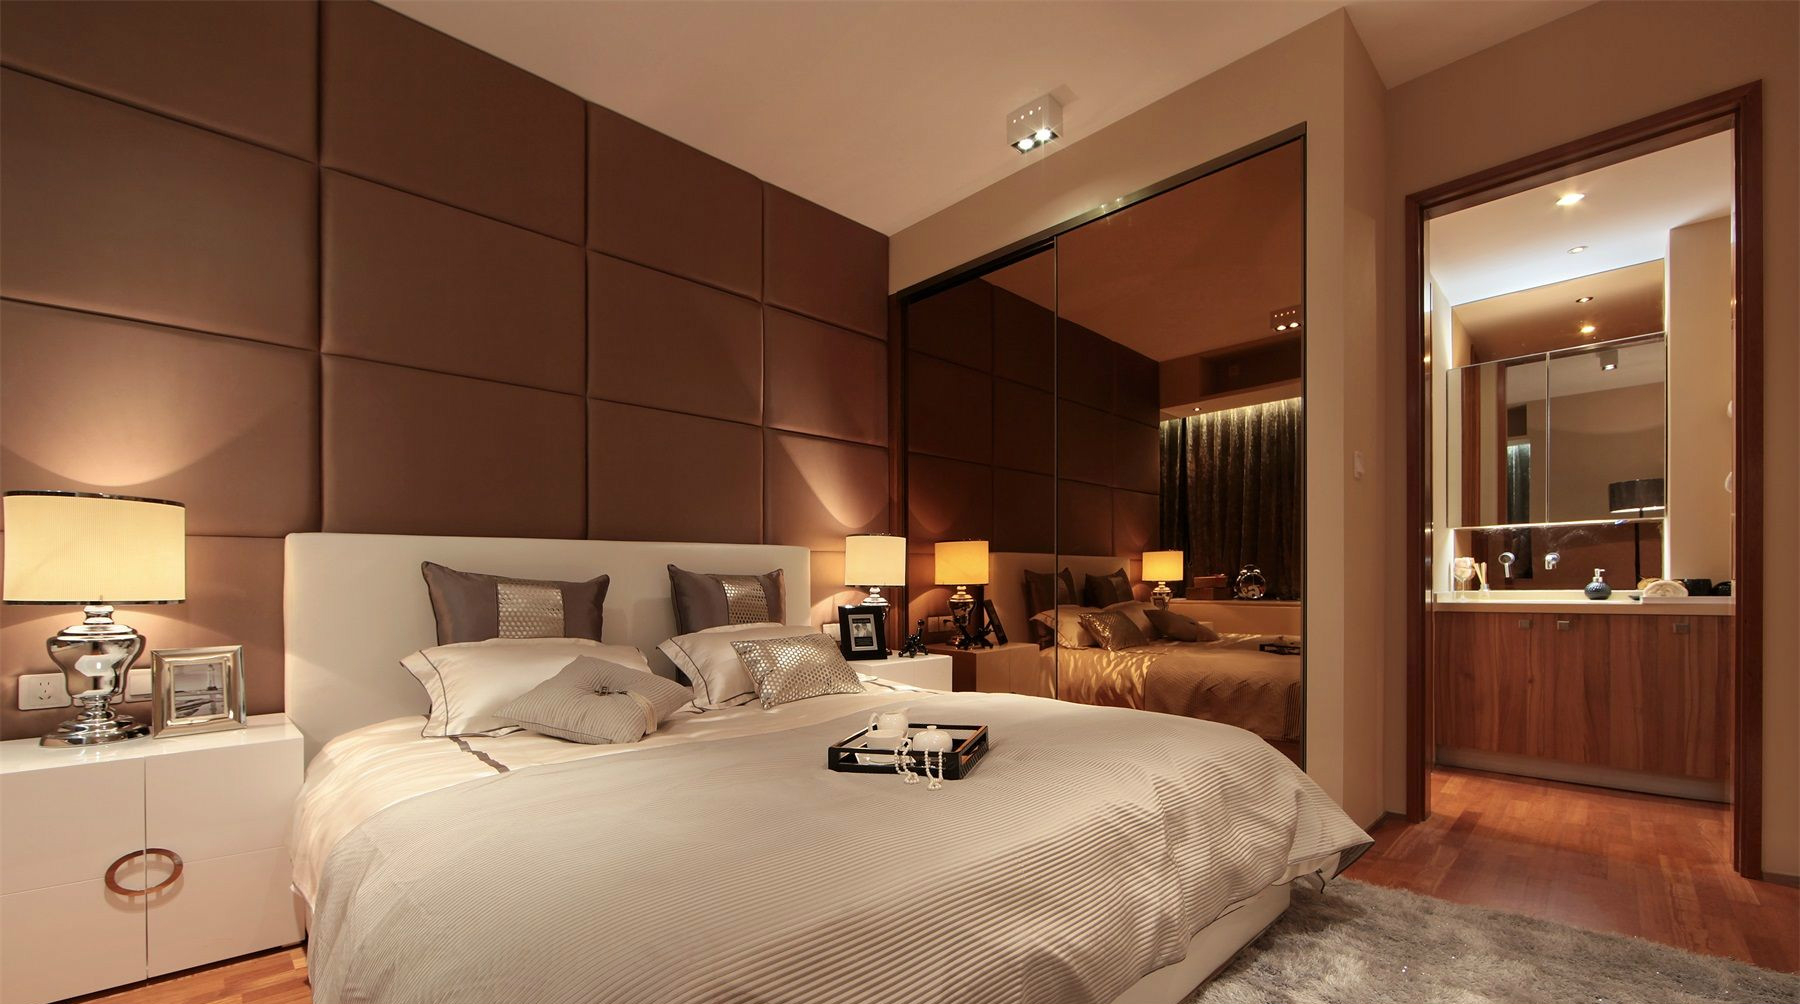 80后 小资 白领 卧室图片来自广州泥巴公社装饰在新古典.珠江帝景的分享